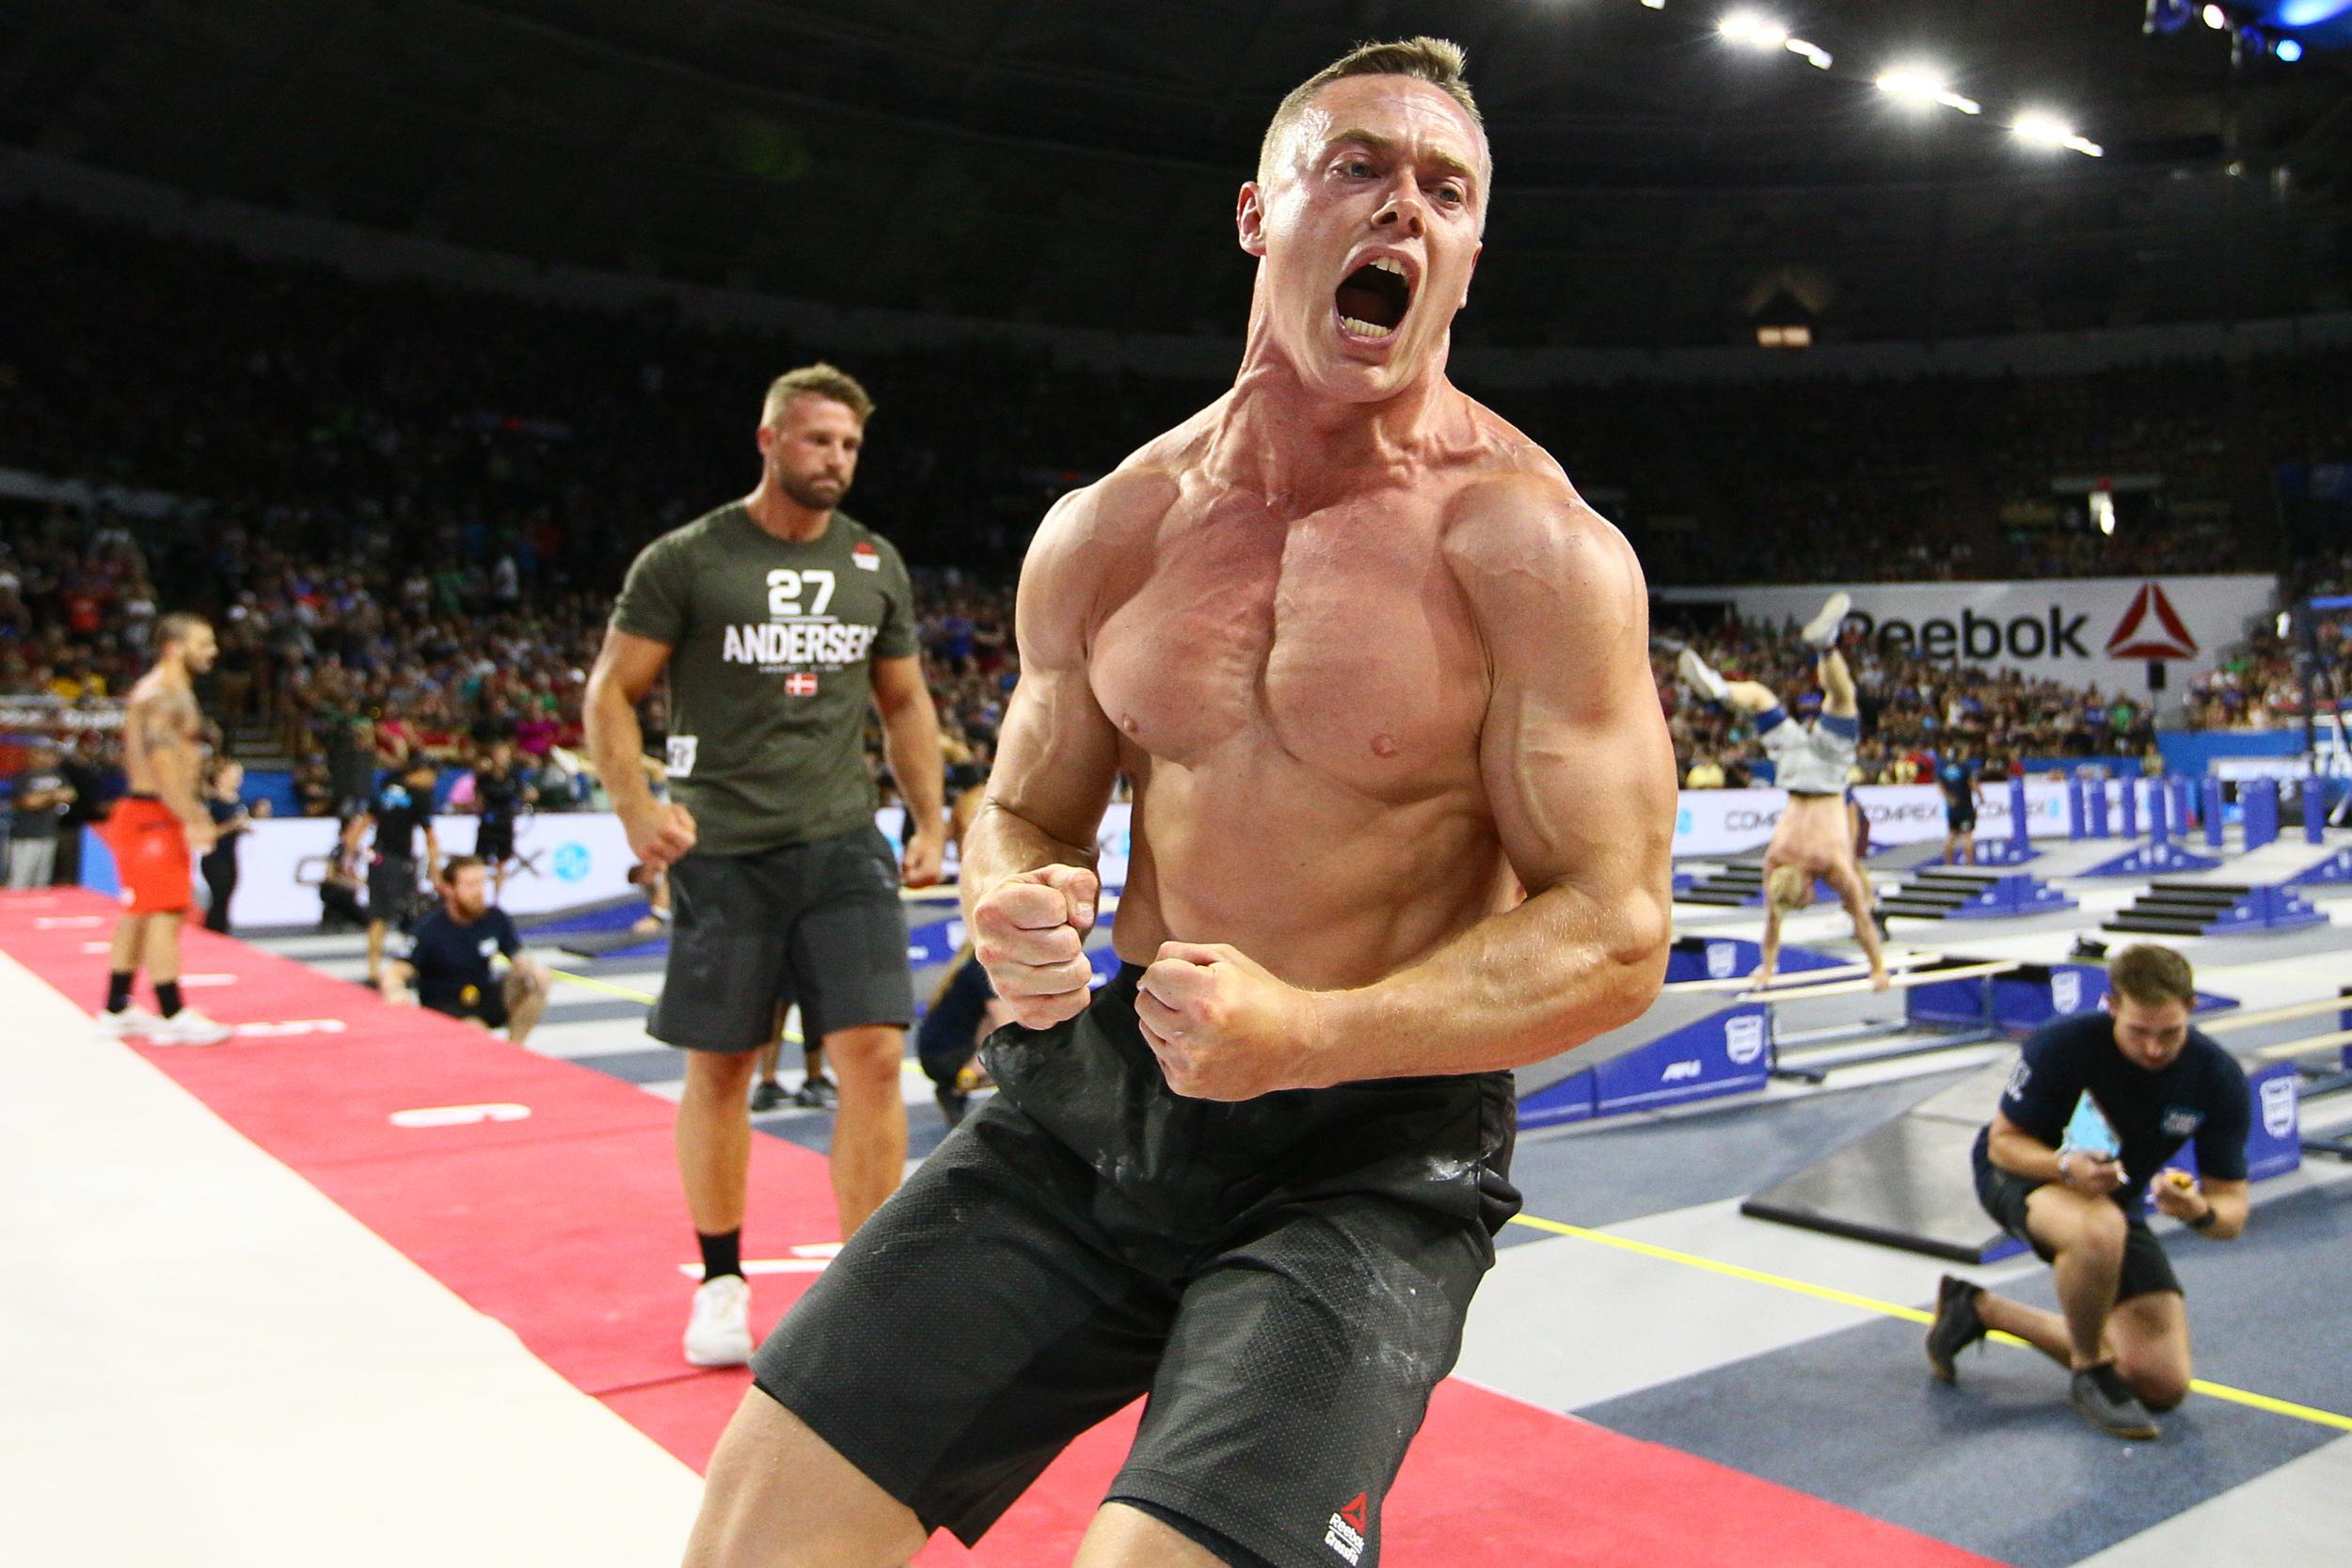 björgvin karl guðmundsson - 2018 CrossFit Games